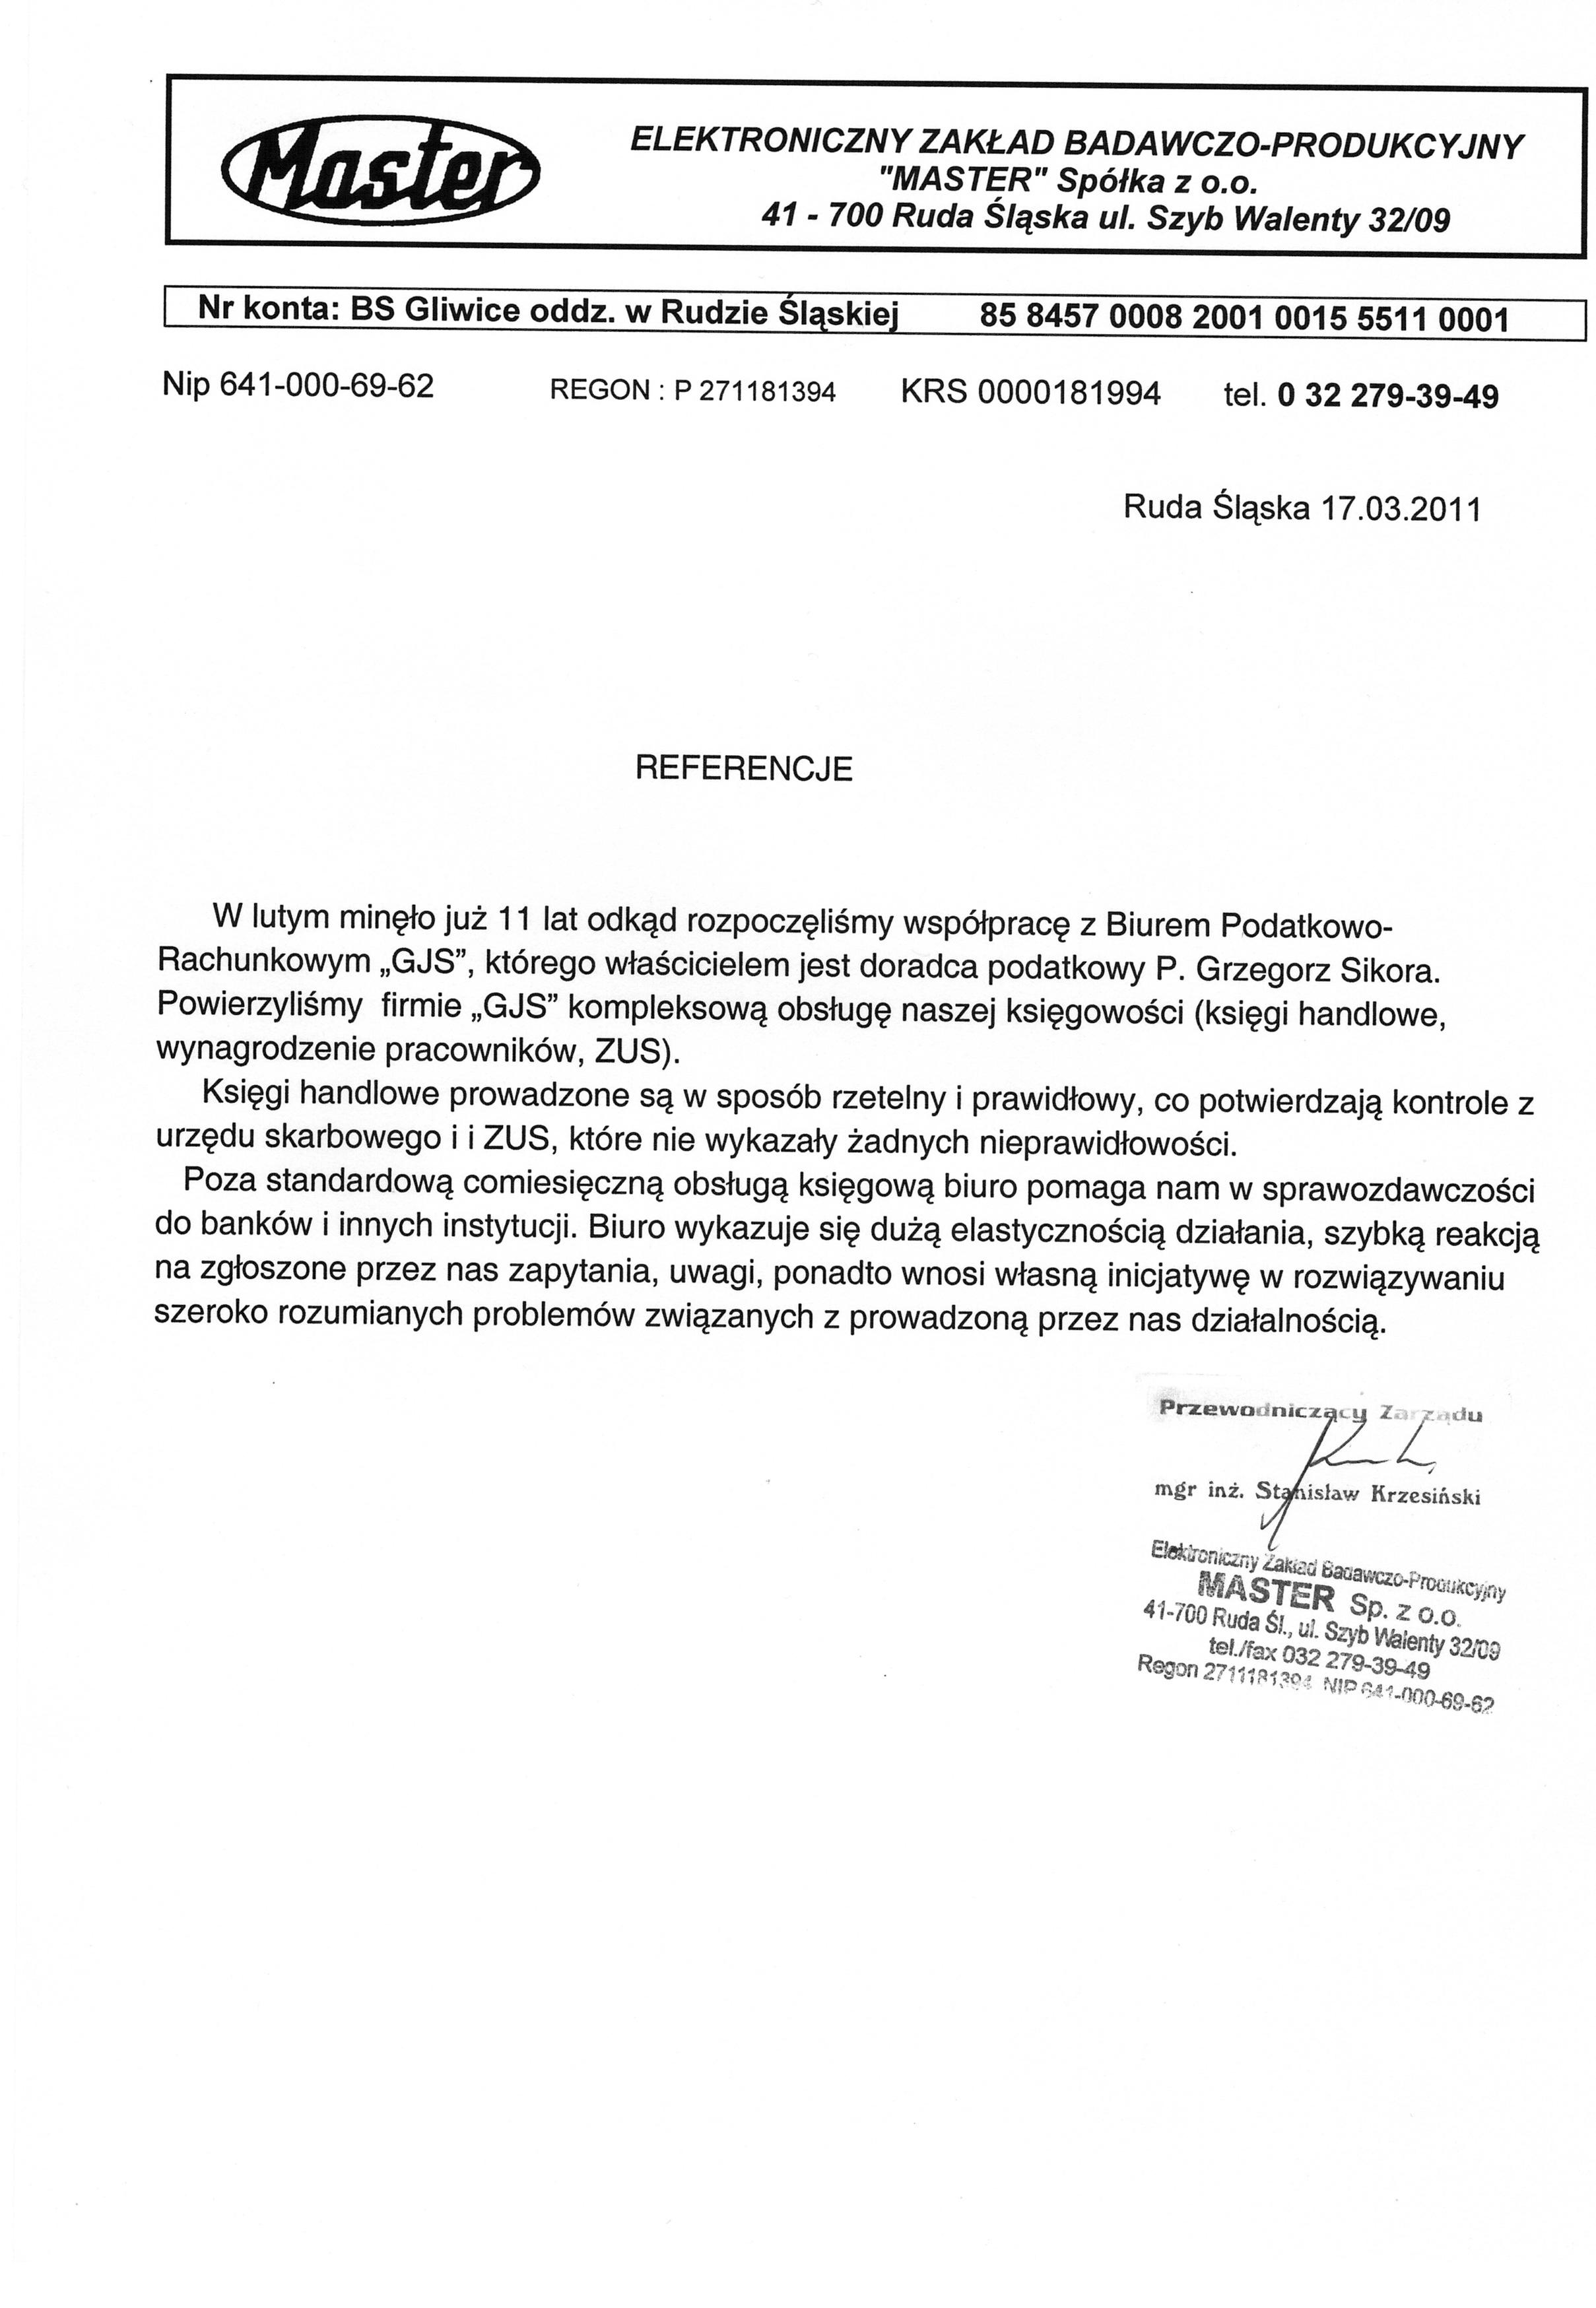 """Referencje Kancelaria Doradztwa Podatkowego """"GJS"""" Grzegorz Sikora"""